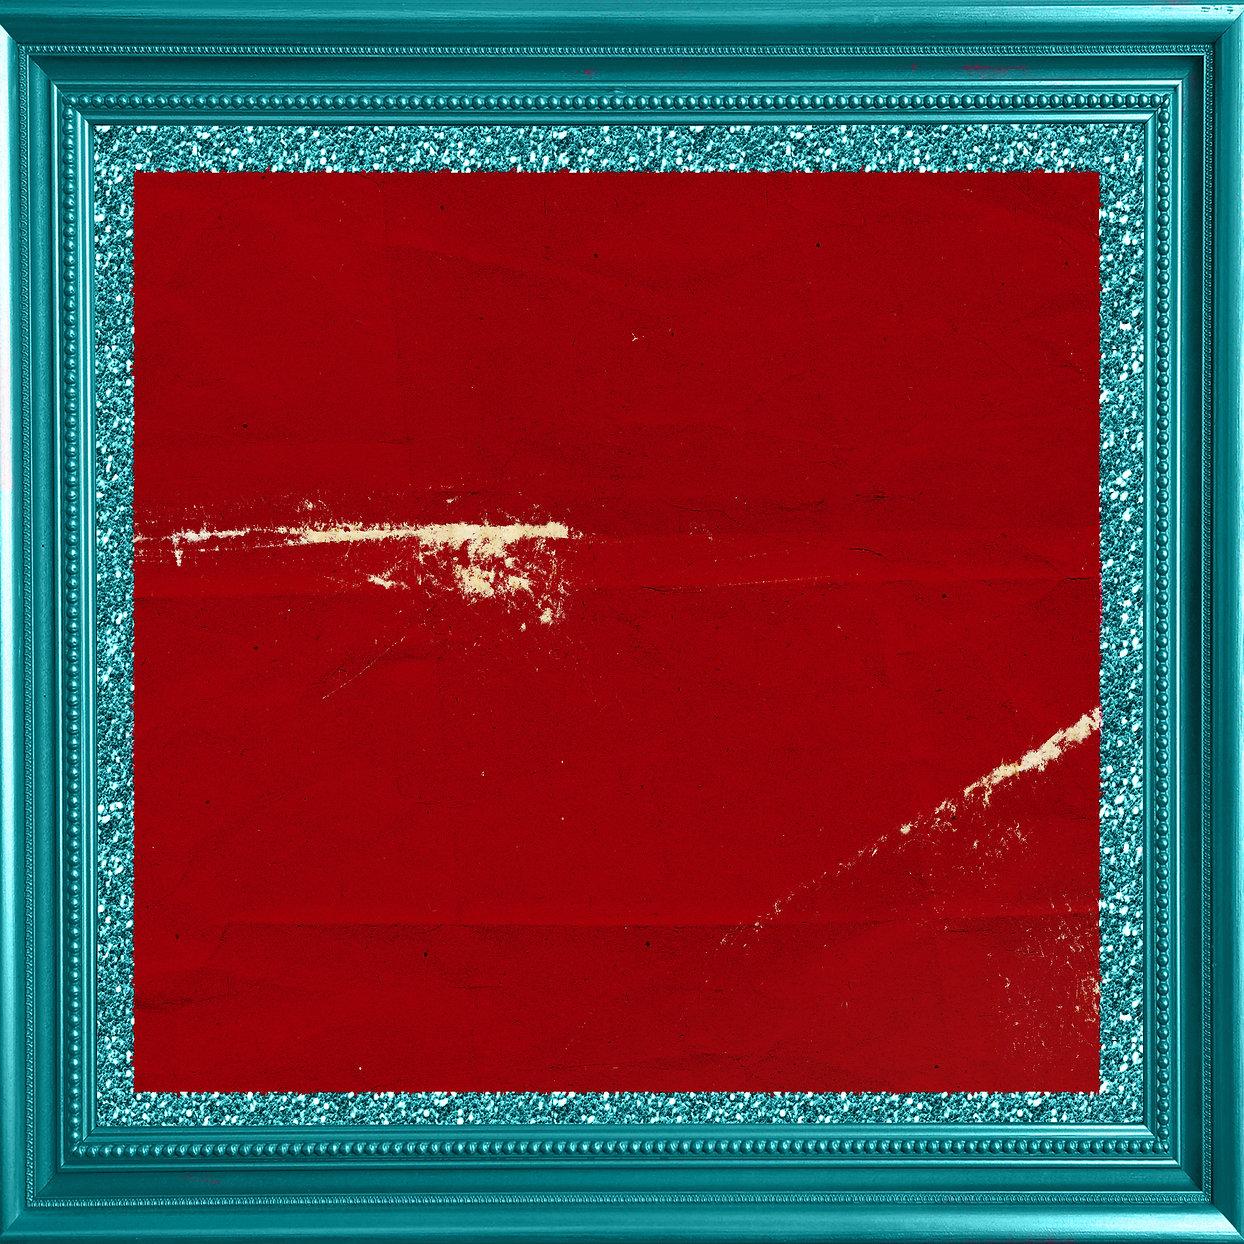 redrose - homemade.jpg